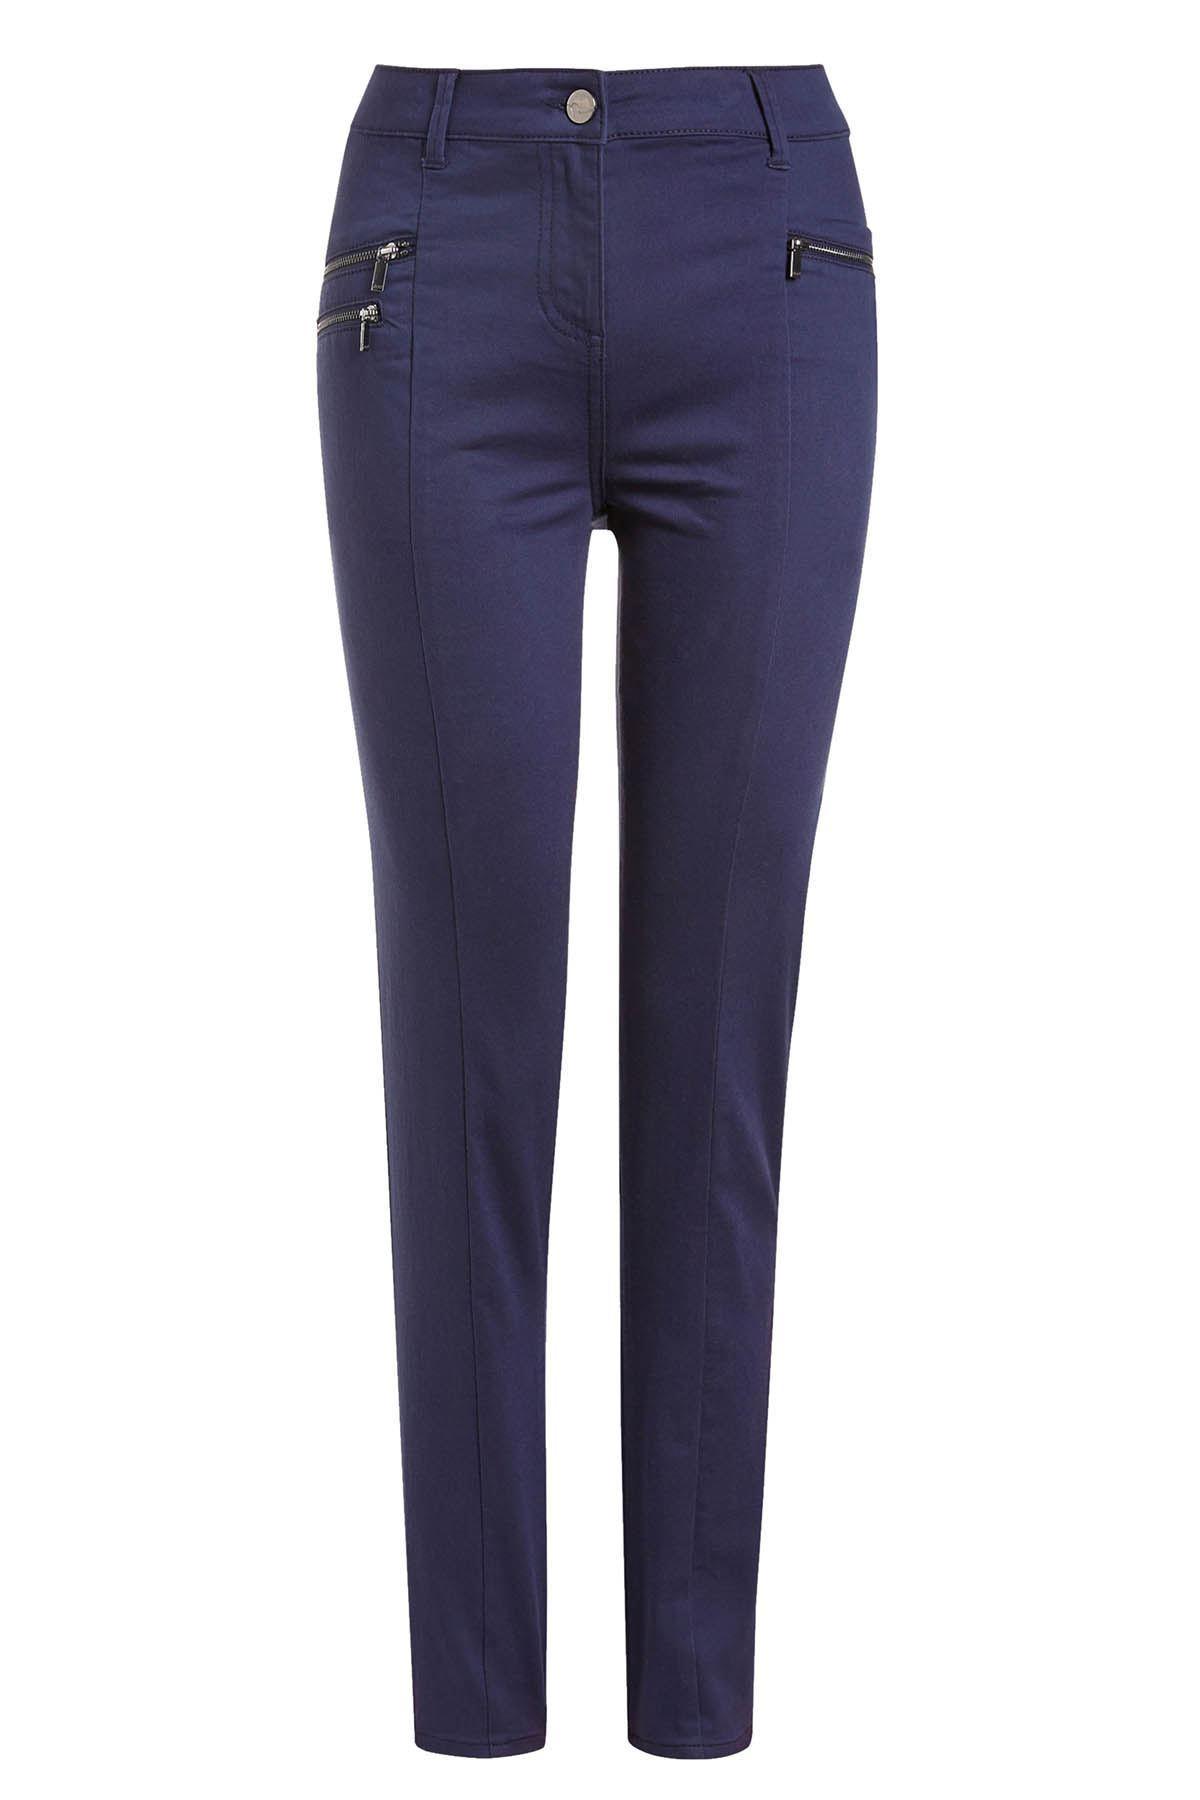 Next jeans sale